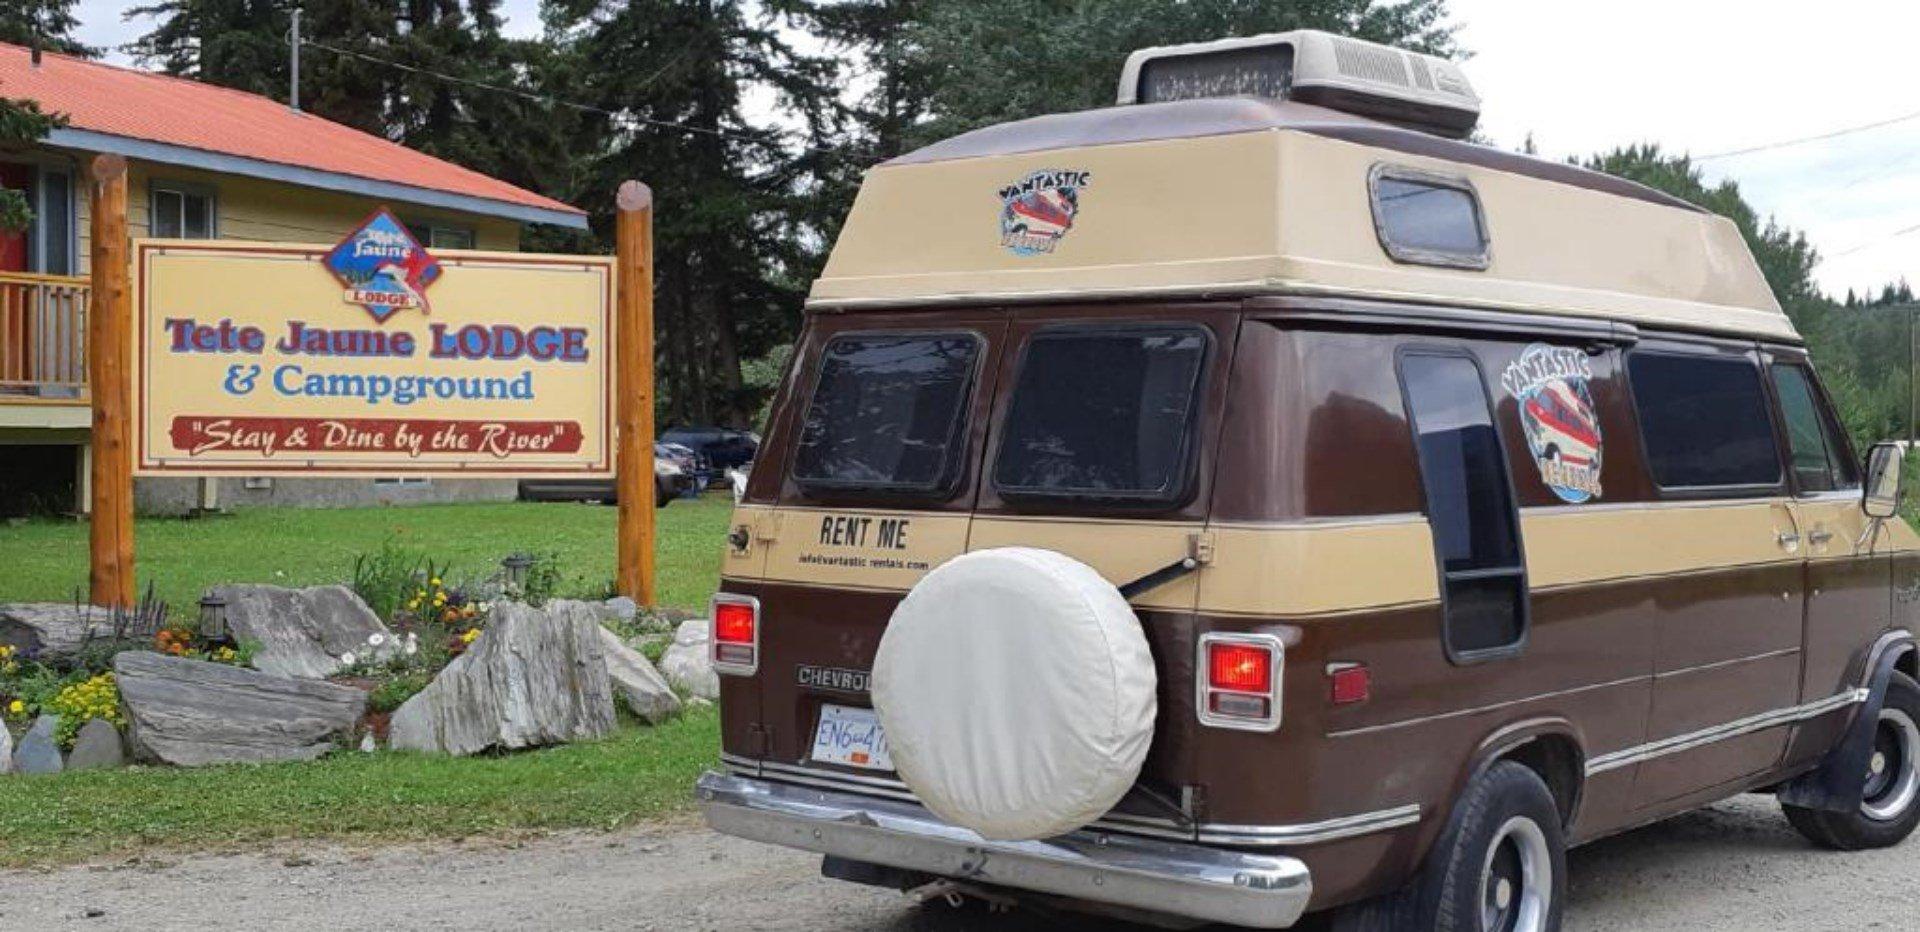 road trip by campervan